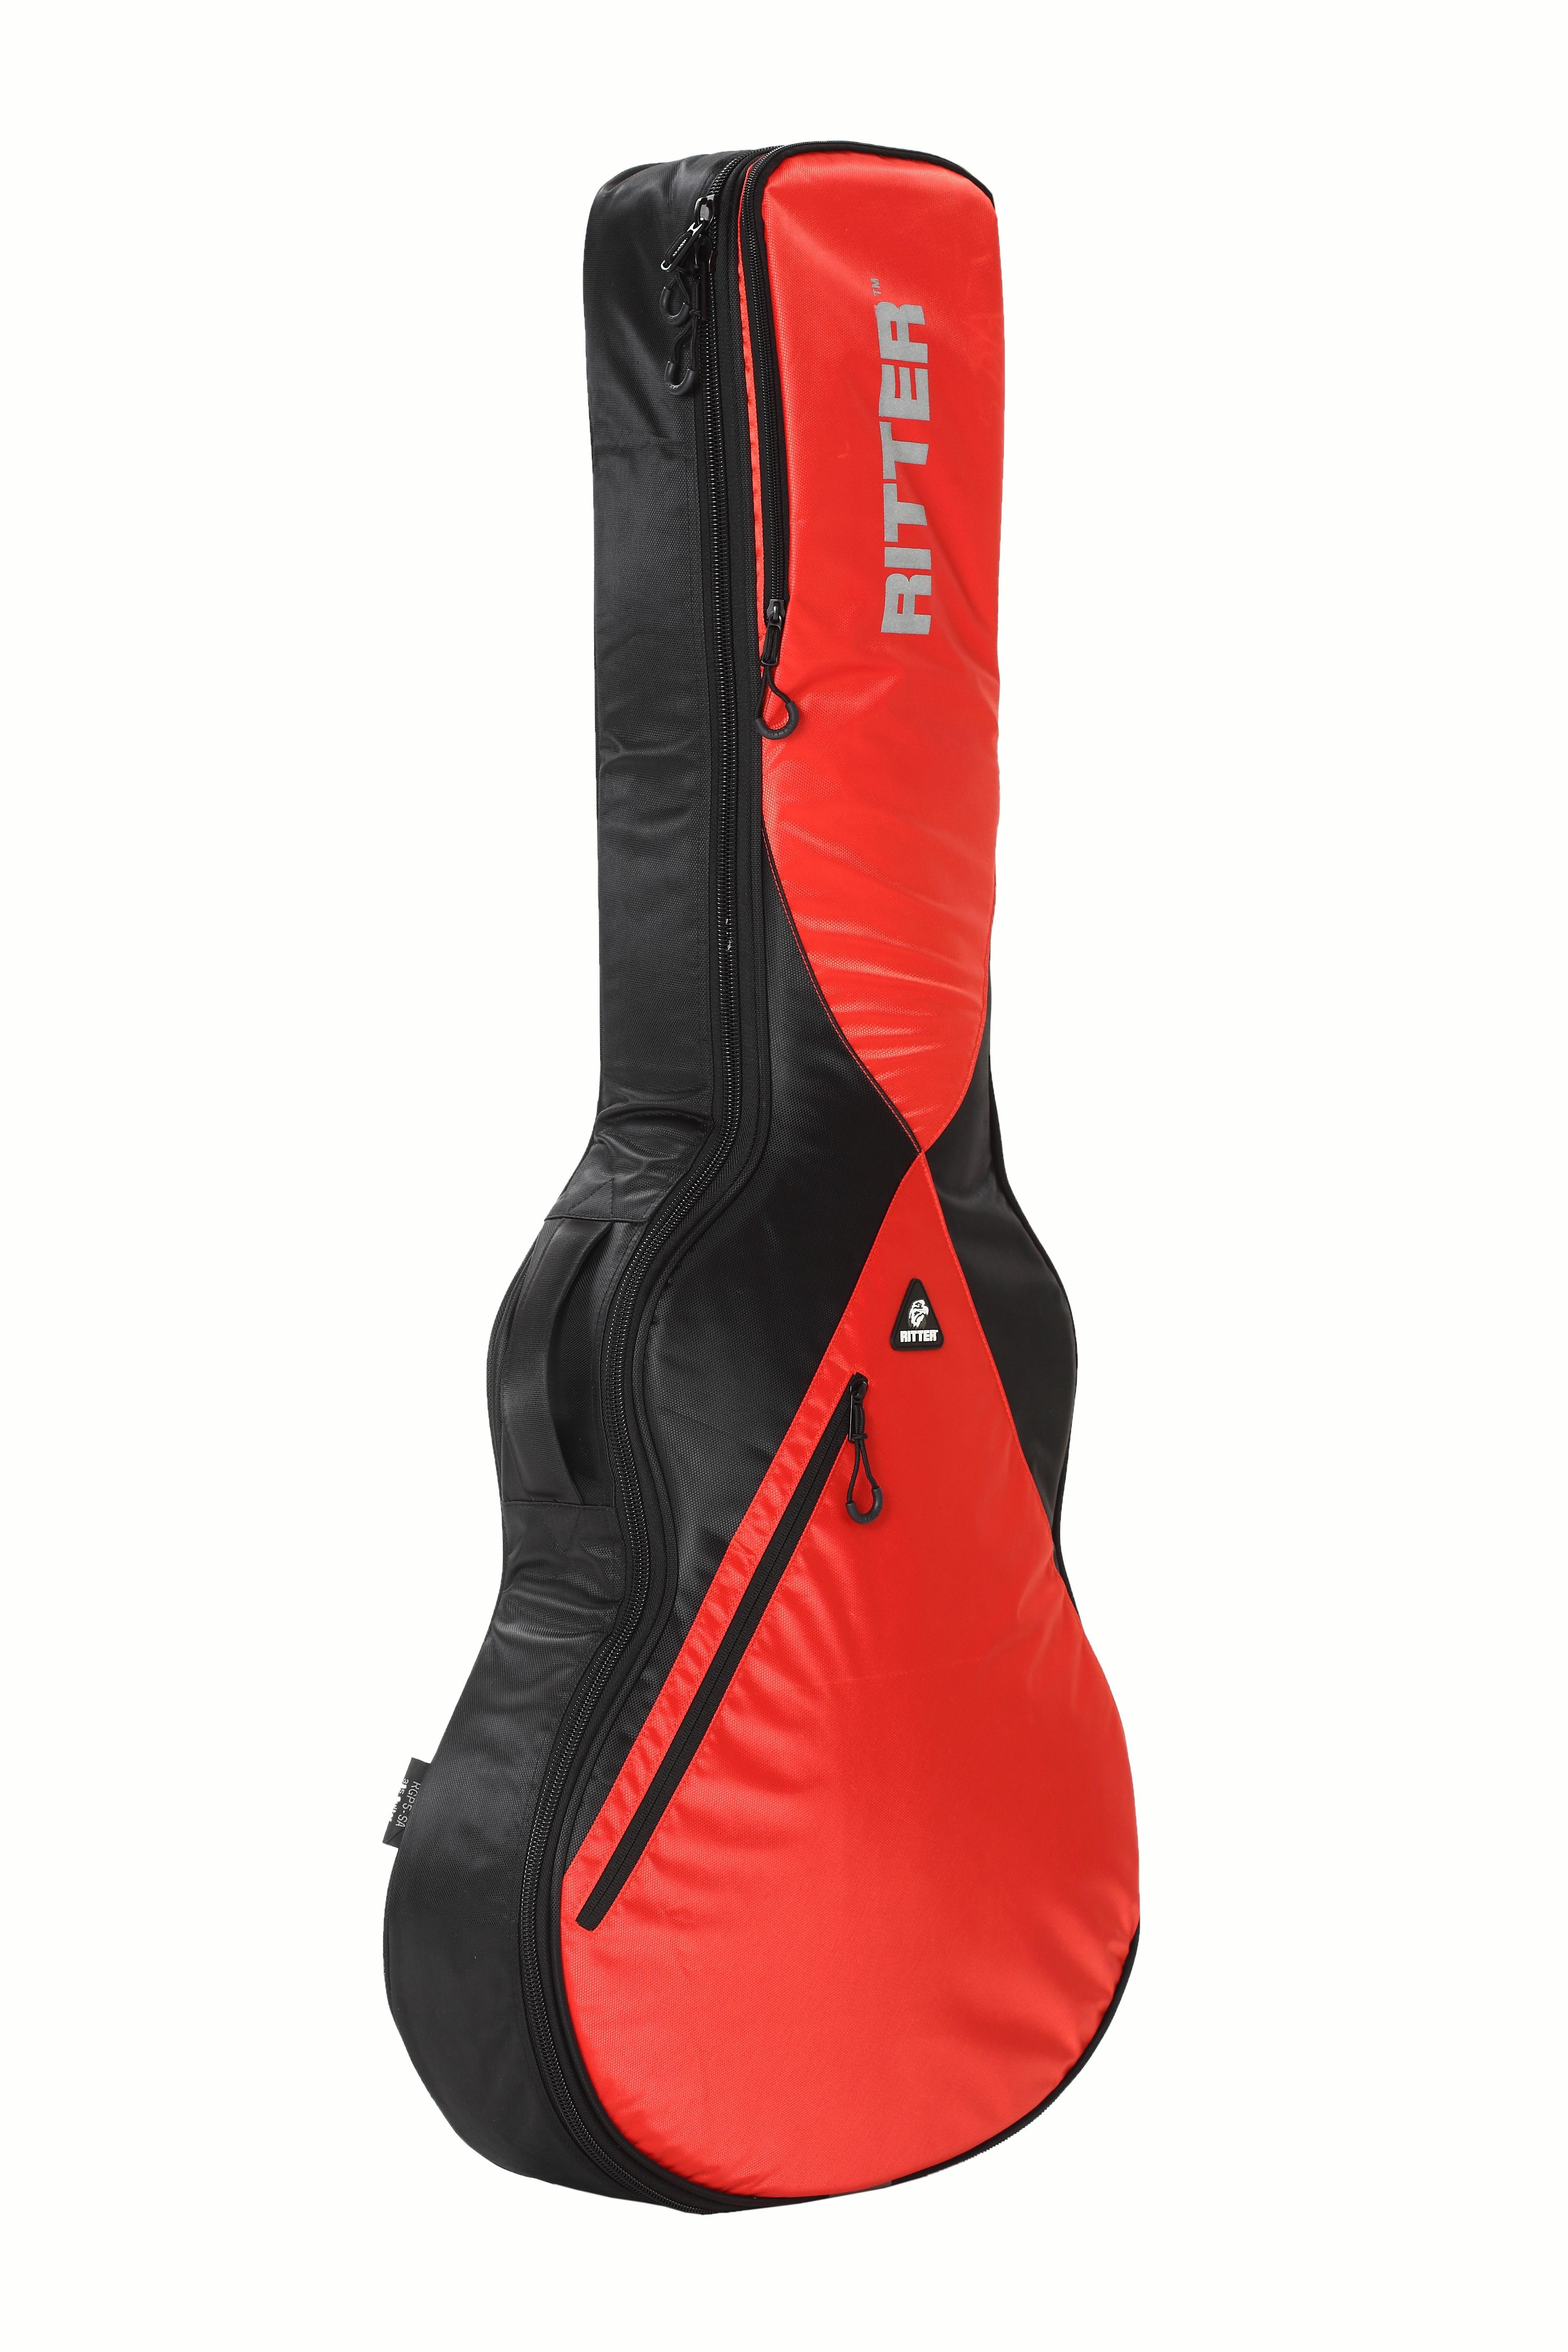 Ritter RGP5-SA/BRR 335 Style Guitar Bag - Black/Racing Red